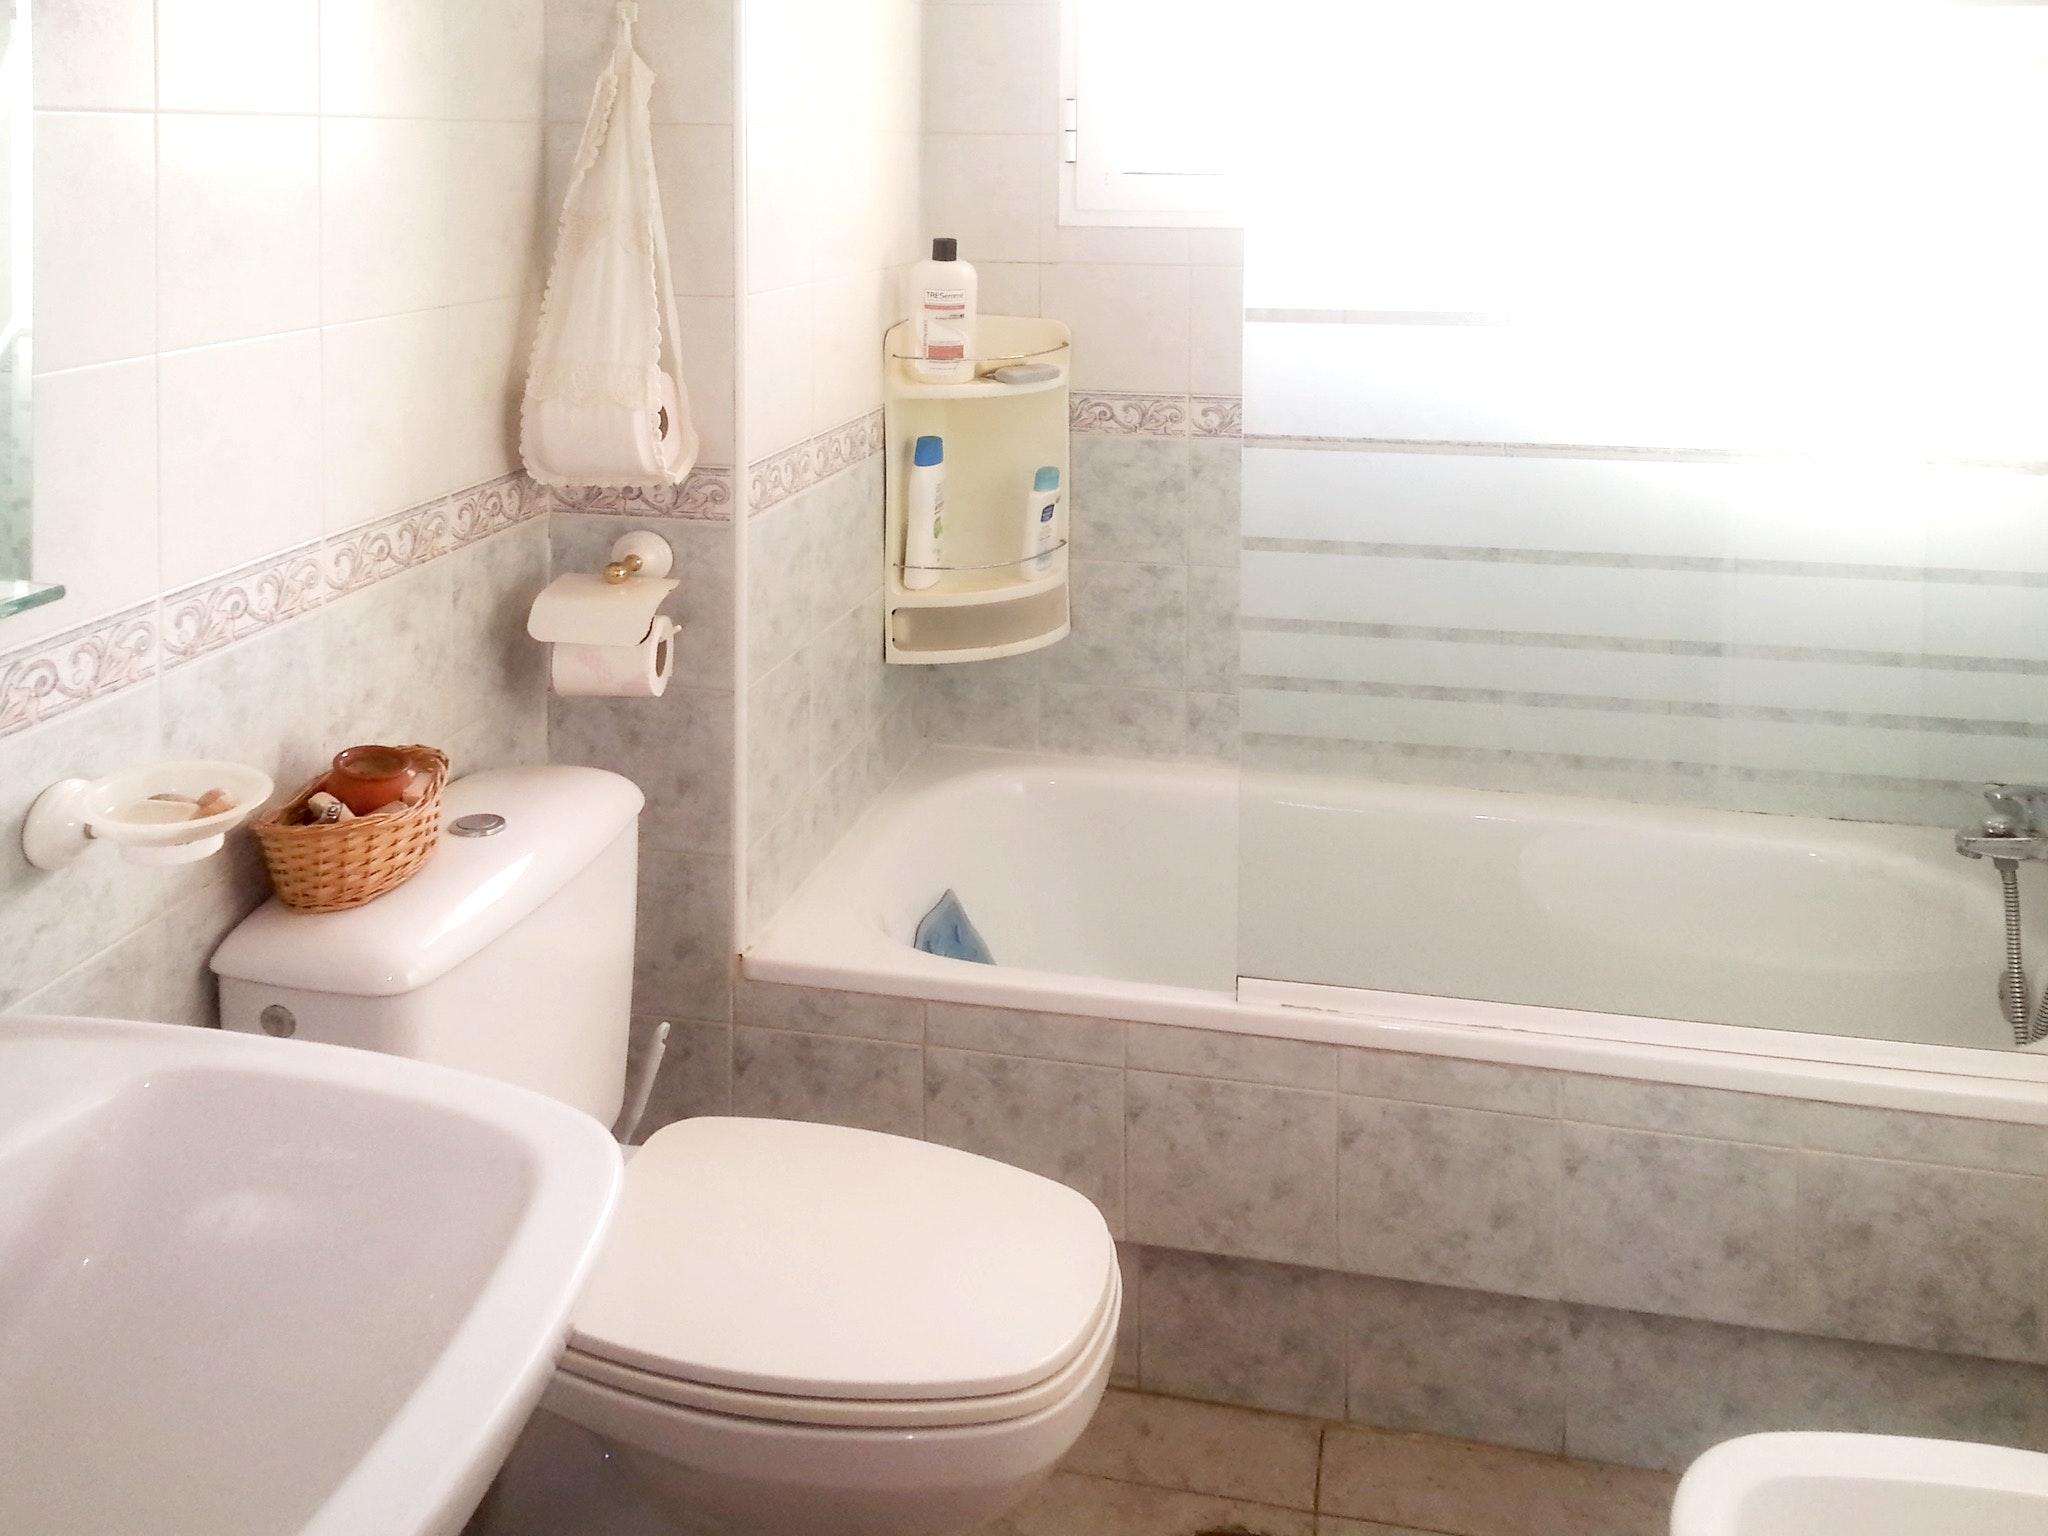 Ferienhaus Sonniges Haus mit 2 Schlafzimmern, WLAN, Swimmingpool und Solarium nahe Torrevieja - 1km z (2202043), Torrevieja, Costa Blanca, Valencia, Spanien, Bild 17